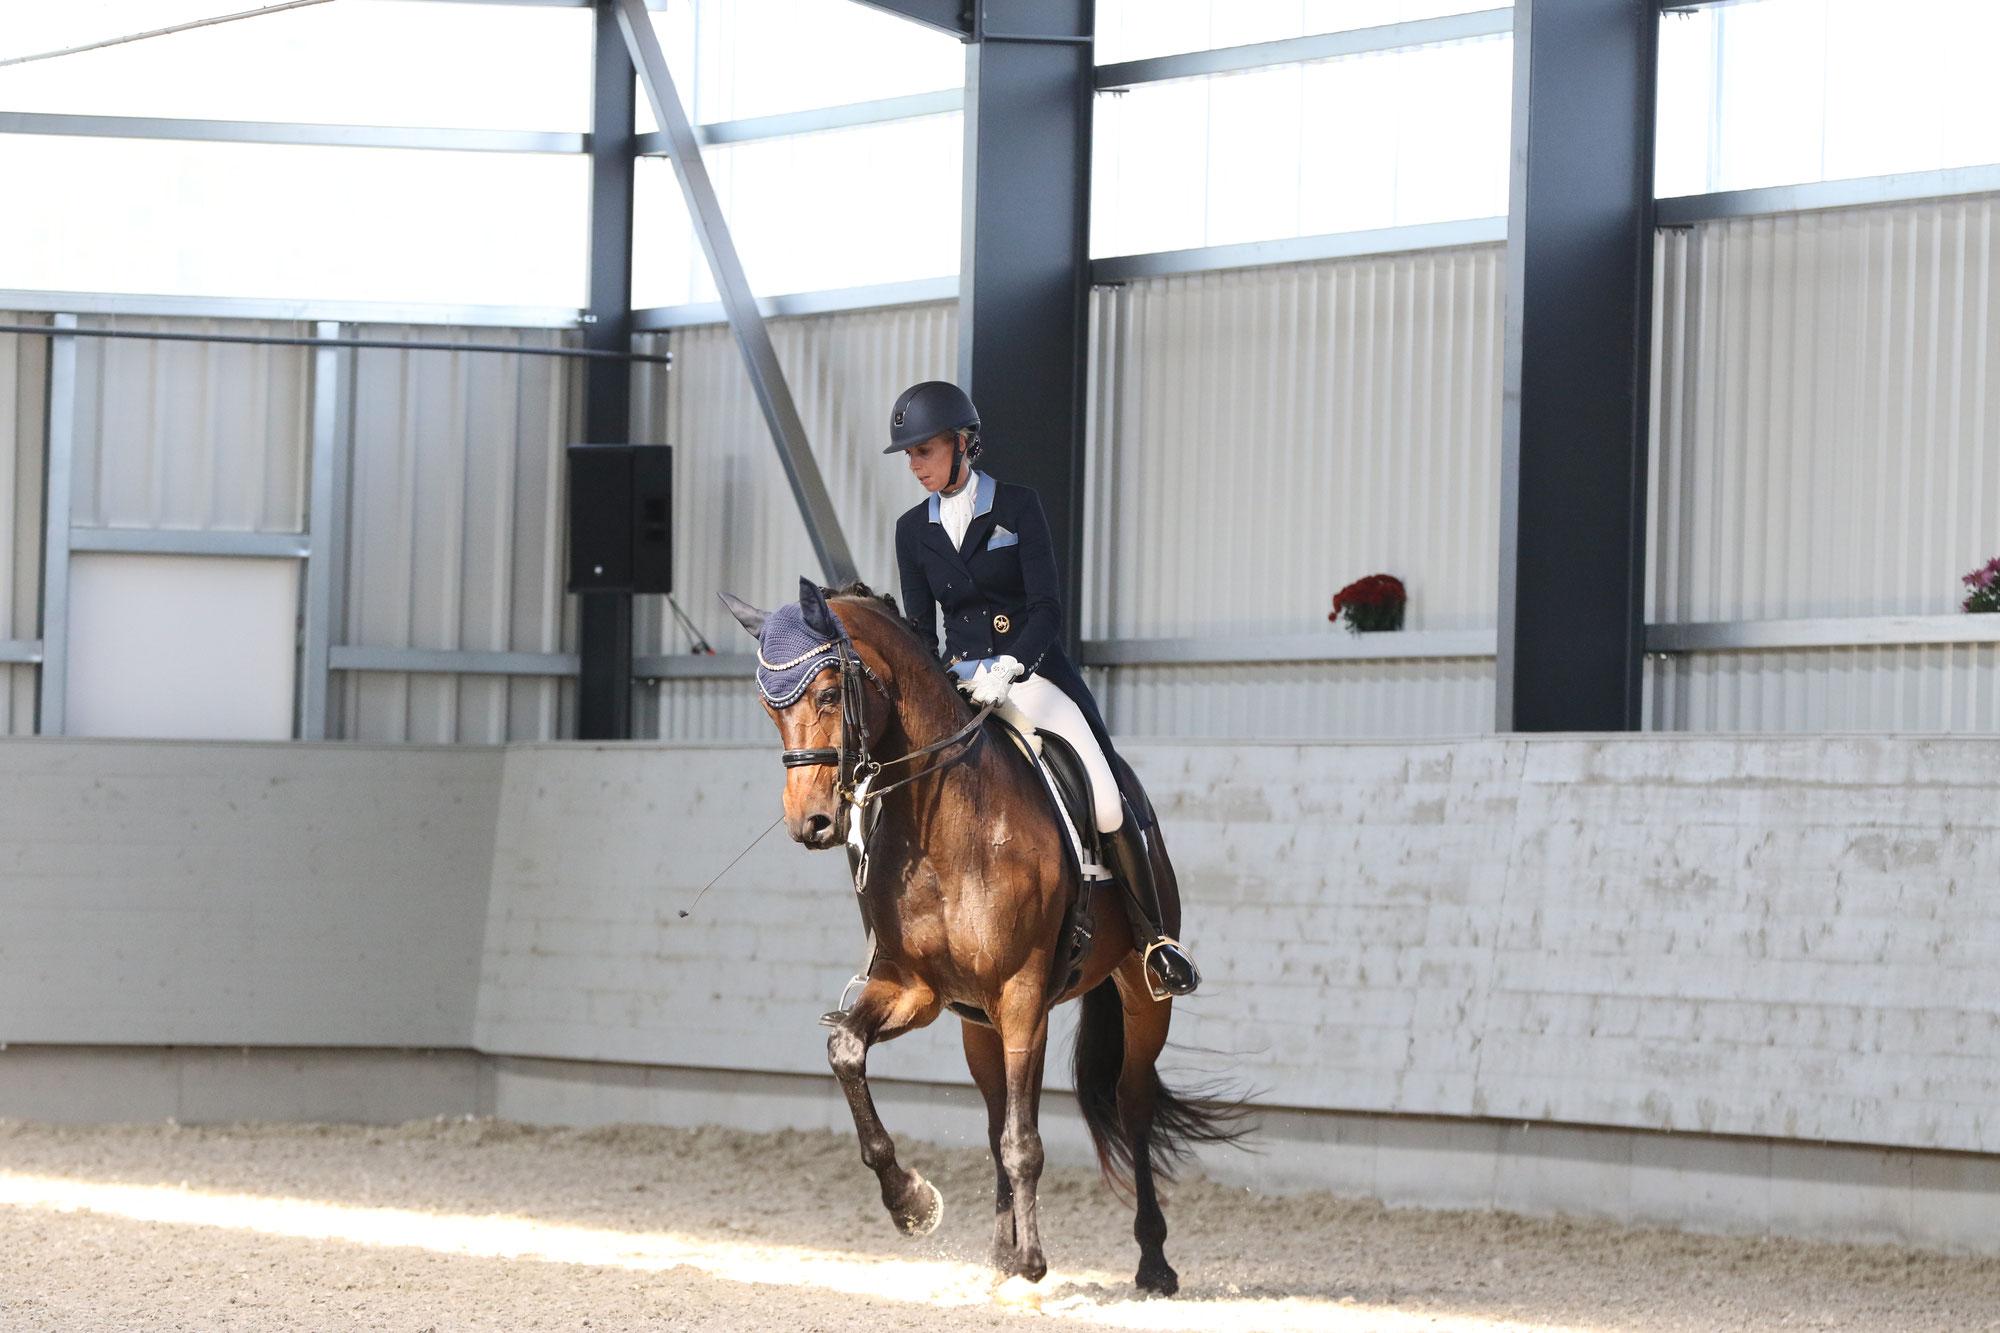 RidersBest - Berufsunfähigkeitsschutz speziell für Pferdewirte und Berufsreiter